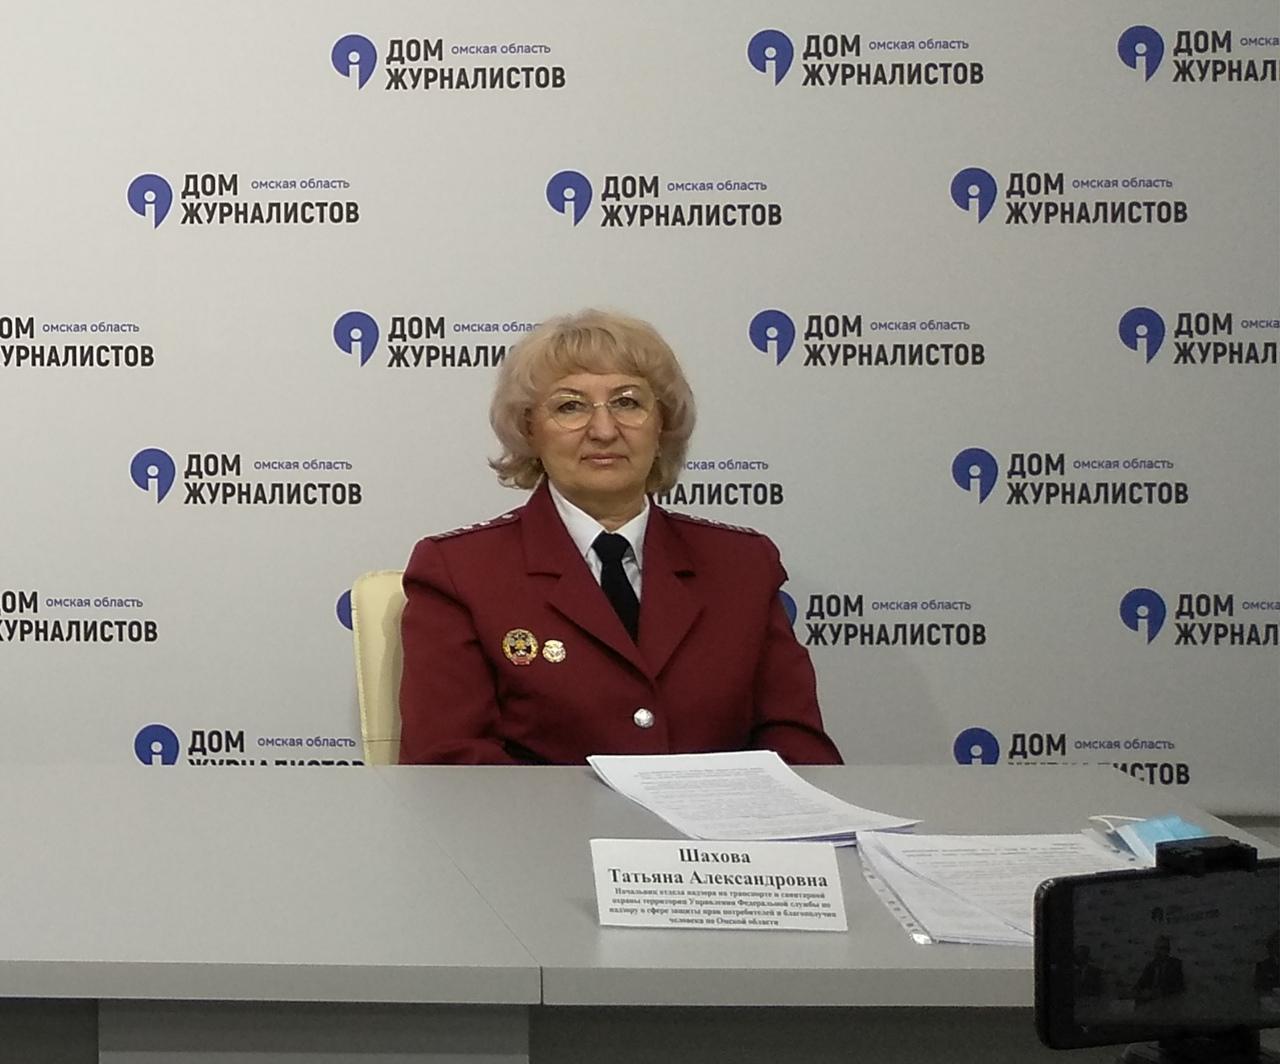 Заболеваемость коронавирусом в Омске растет во всех возрастных группах #Новости #Общество #Омск